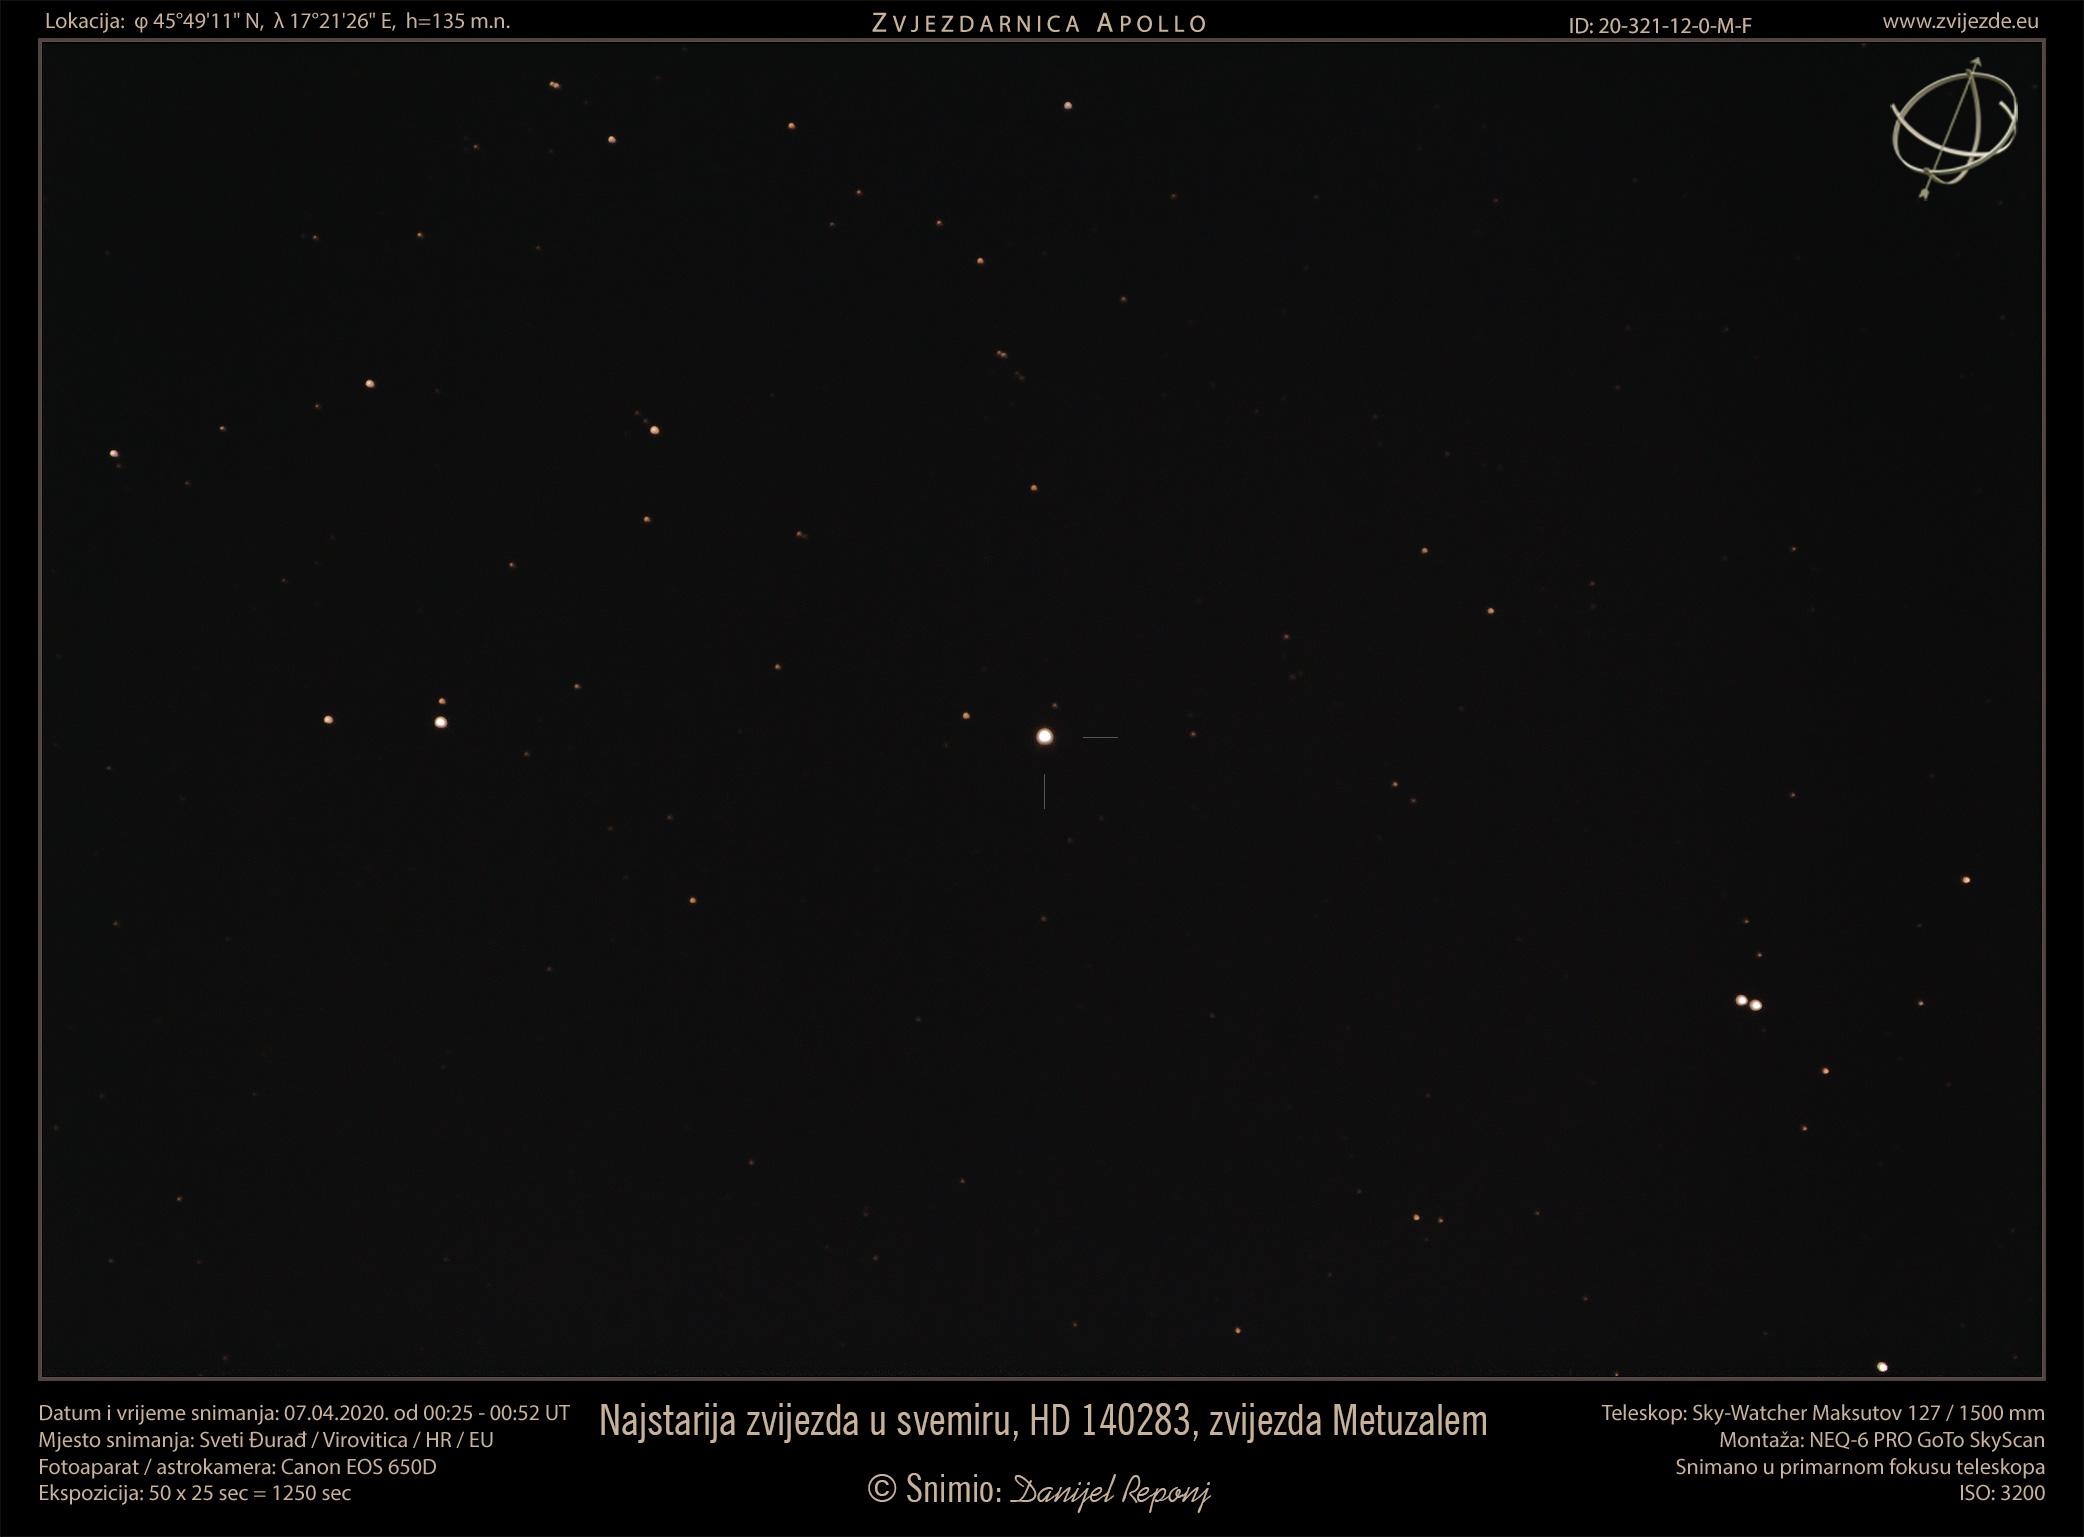 Najstarija zvijezda u svemiru - prvi snimak